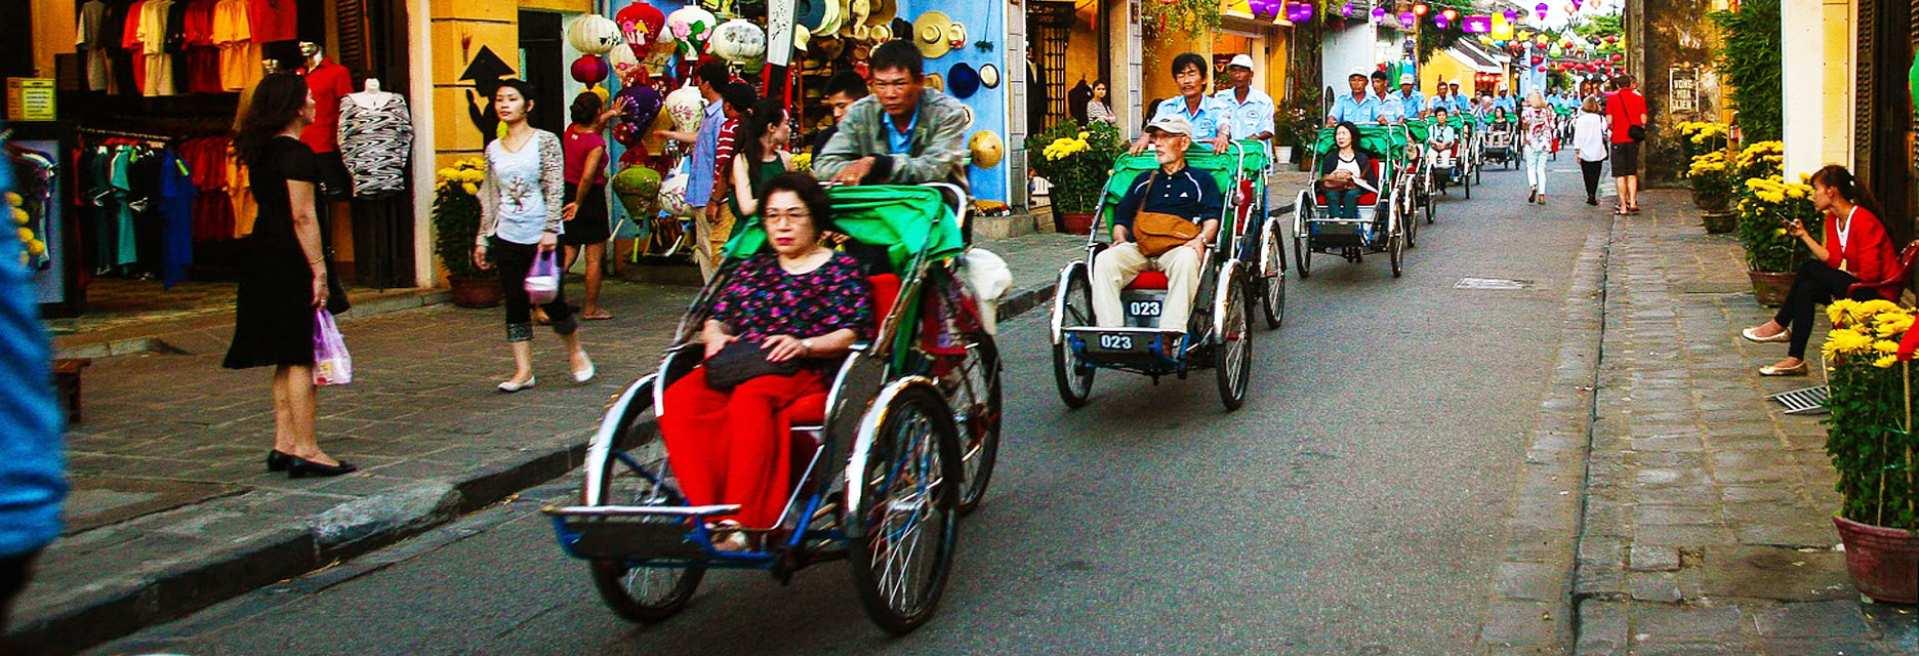 【ホーチミン】シクロ(三輪自転車)でめぐるローカル市場半日ツアー:ベトナム